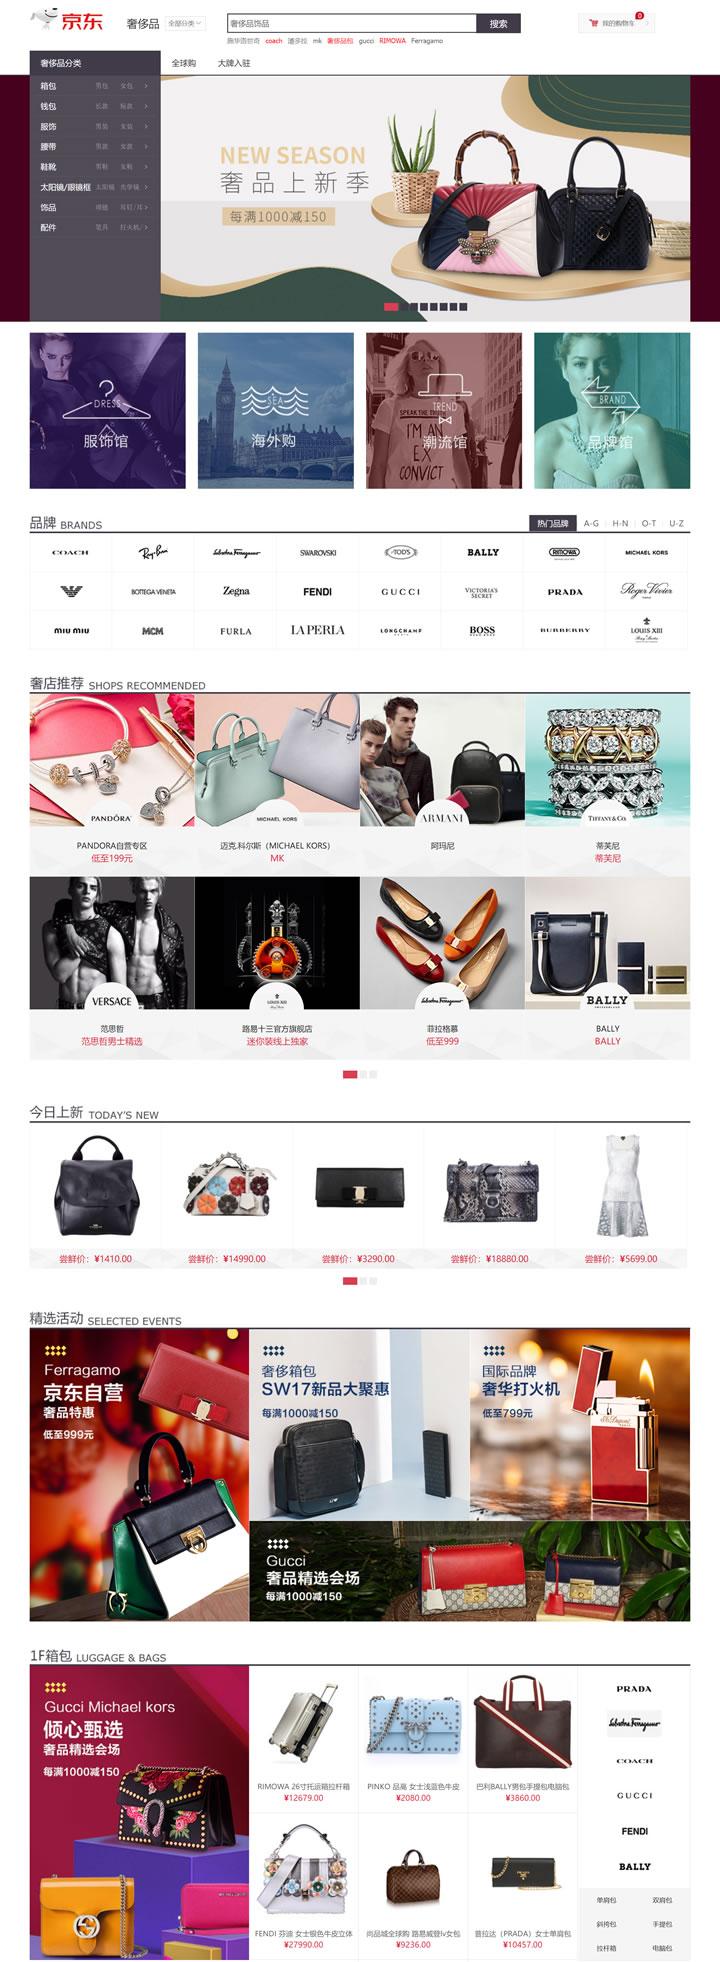 京东奢侈品:全球奢侈品牌